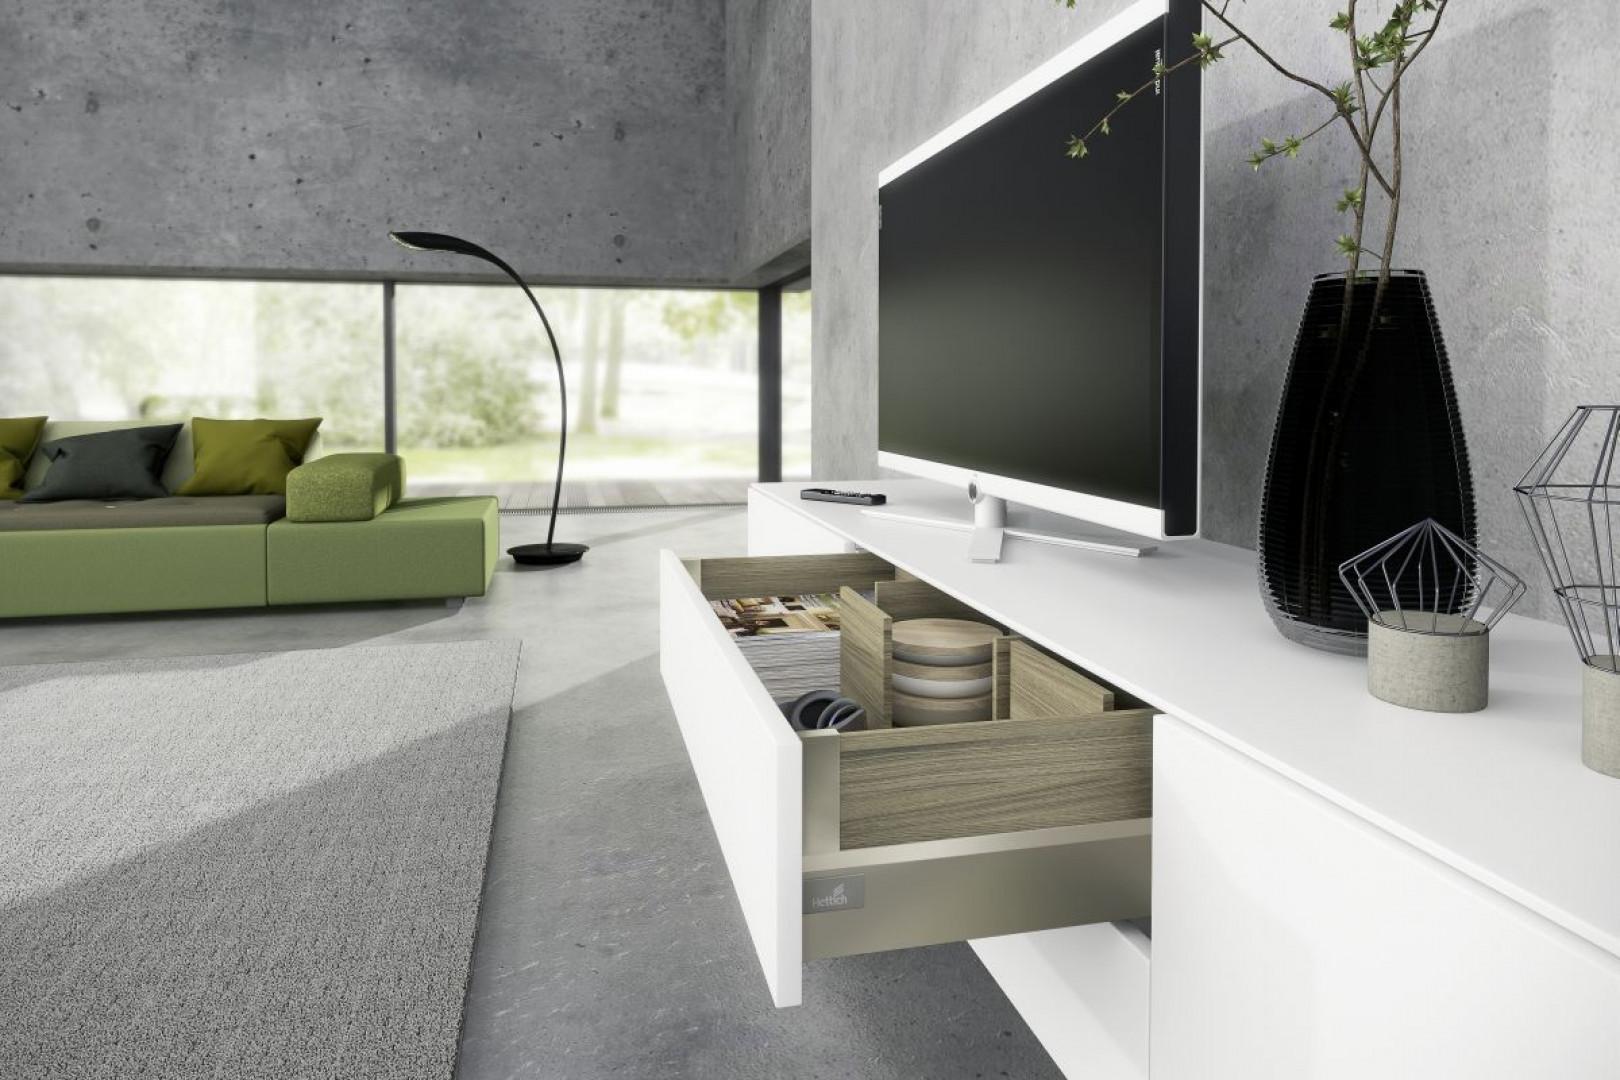 Pięknie skomponowane szuflady będą prezentowały się wyjątkowo okazale w meblach klasy premium. Fot. Hettich